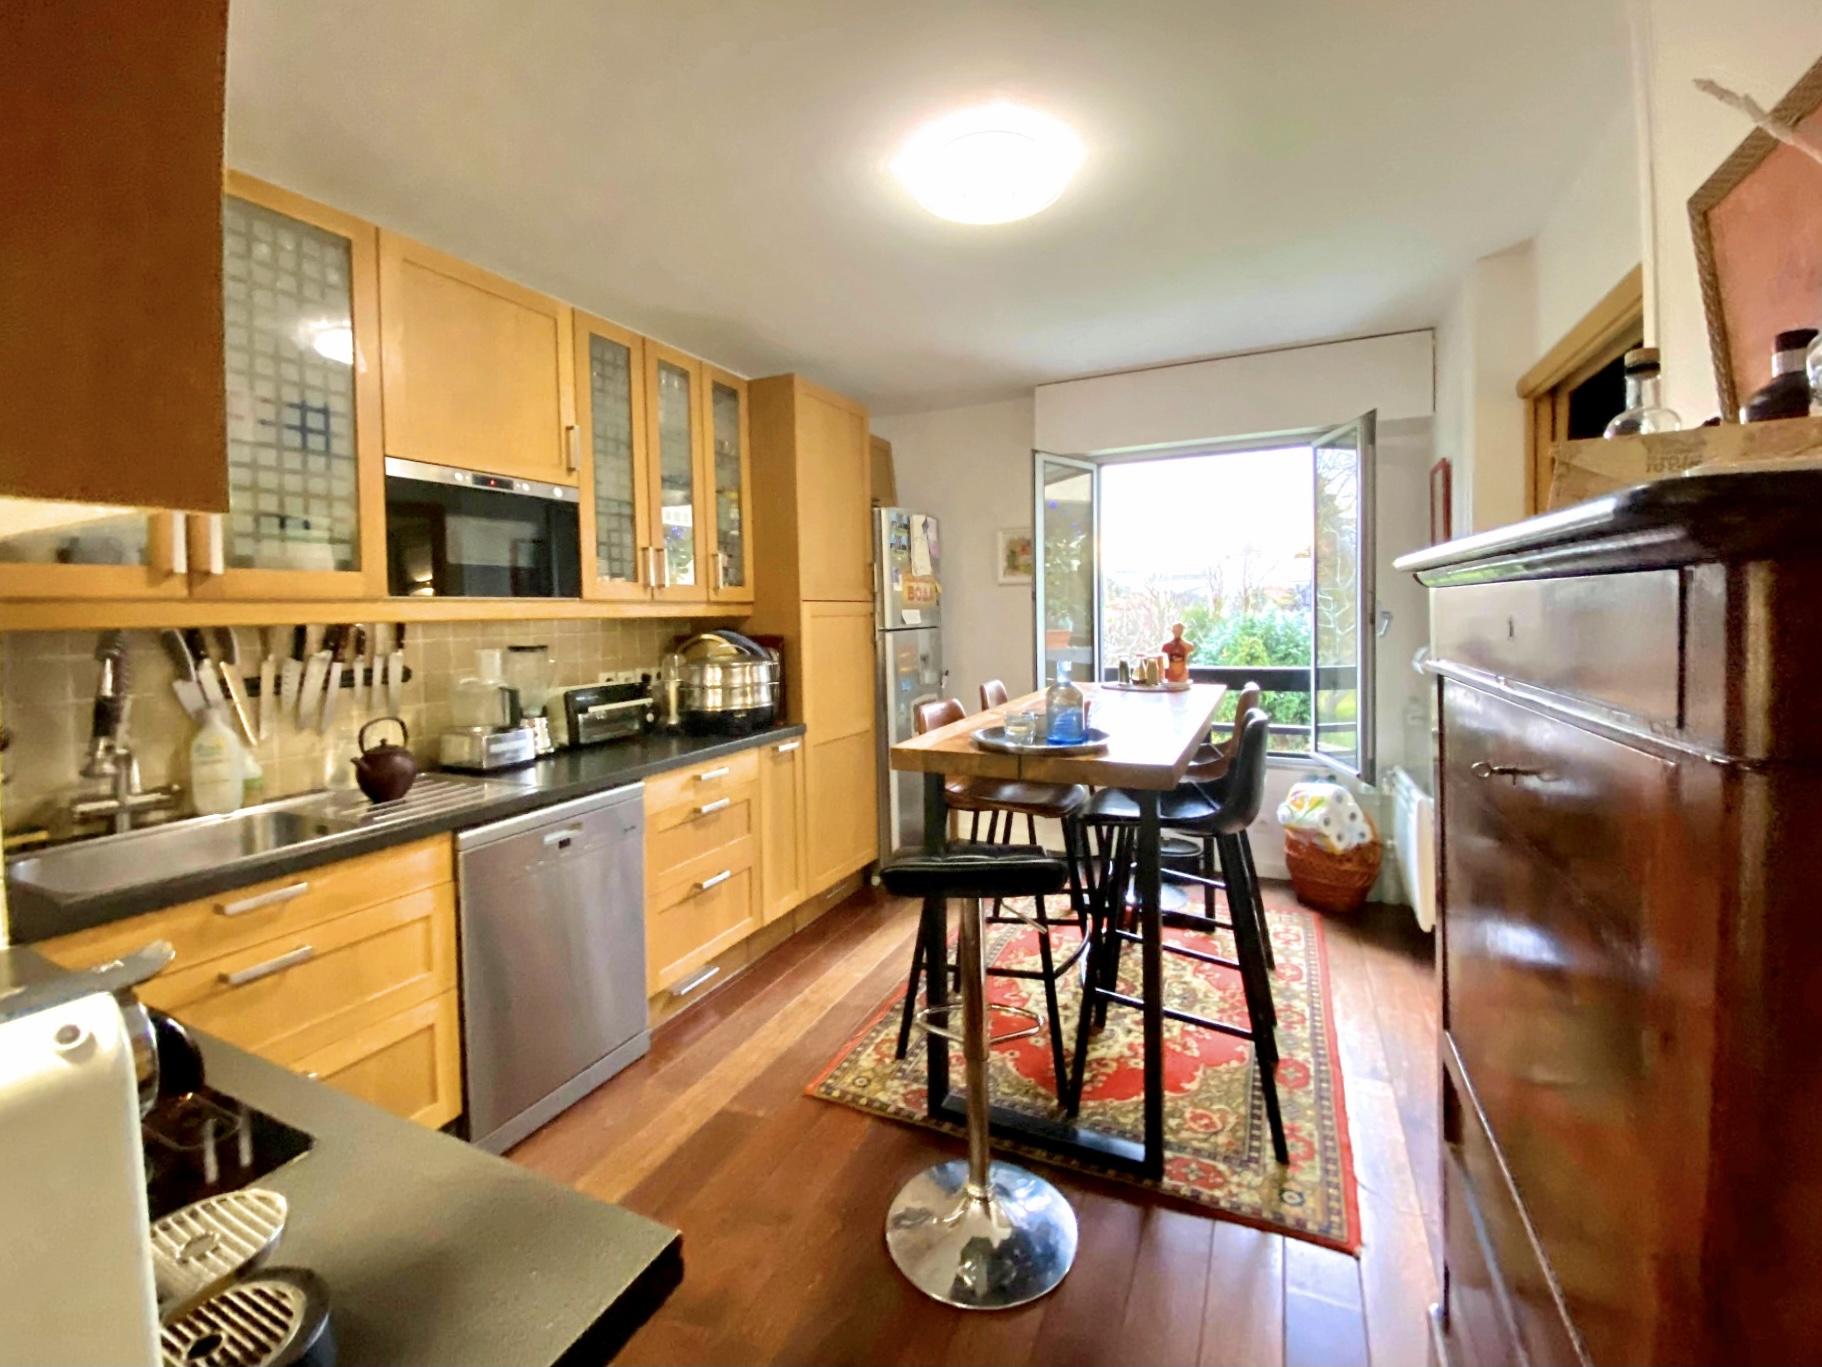 a-vendre-suresnes-residence-parc-du-chateau-appartement-4-pieces-terrasse